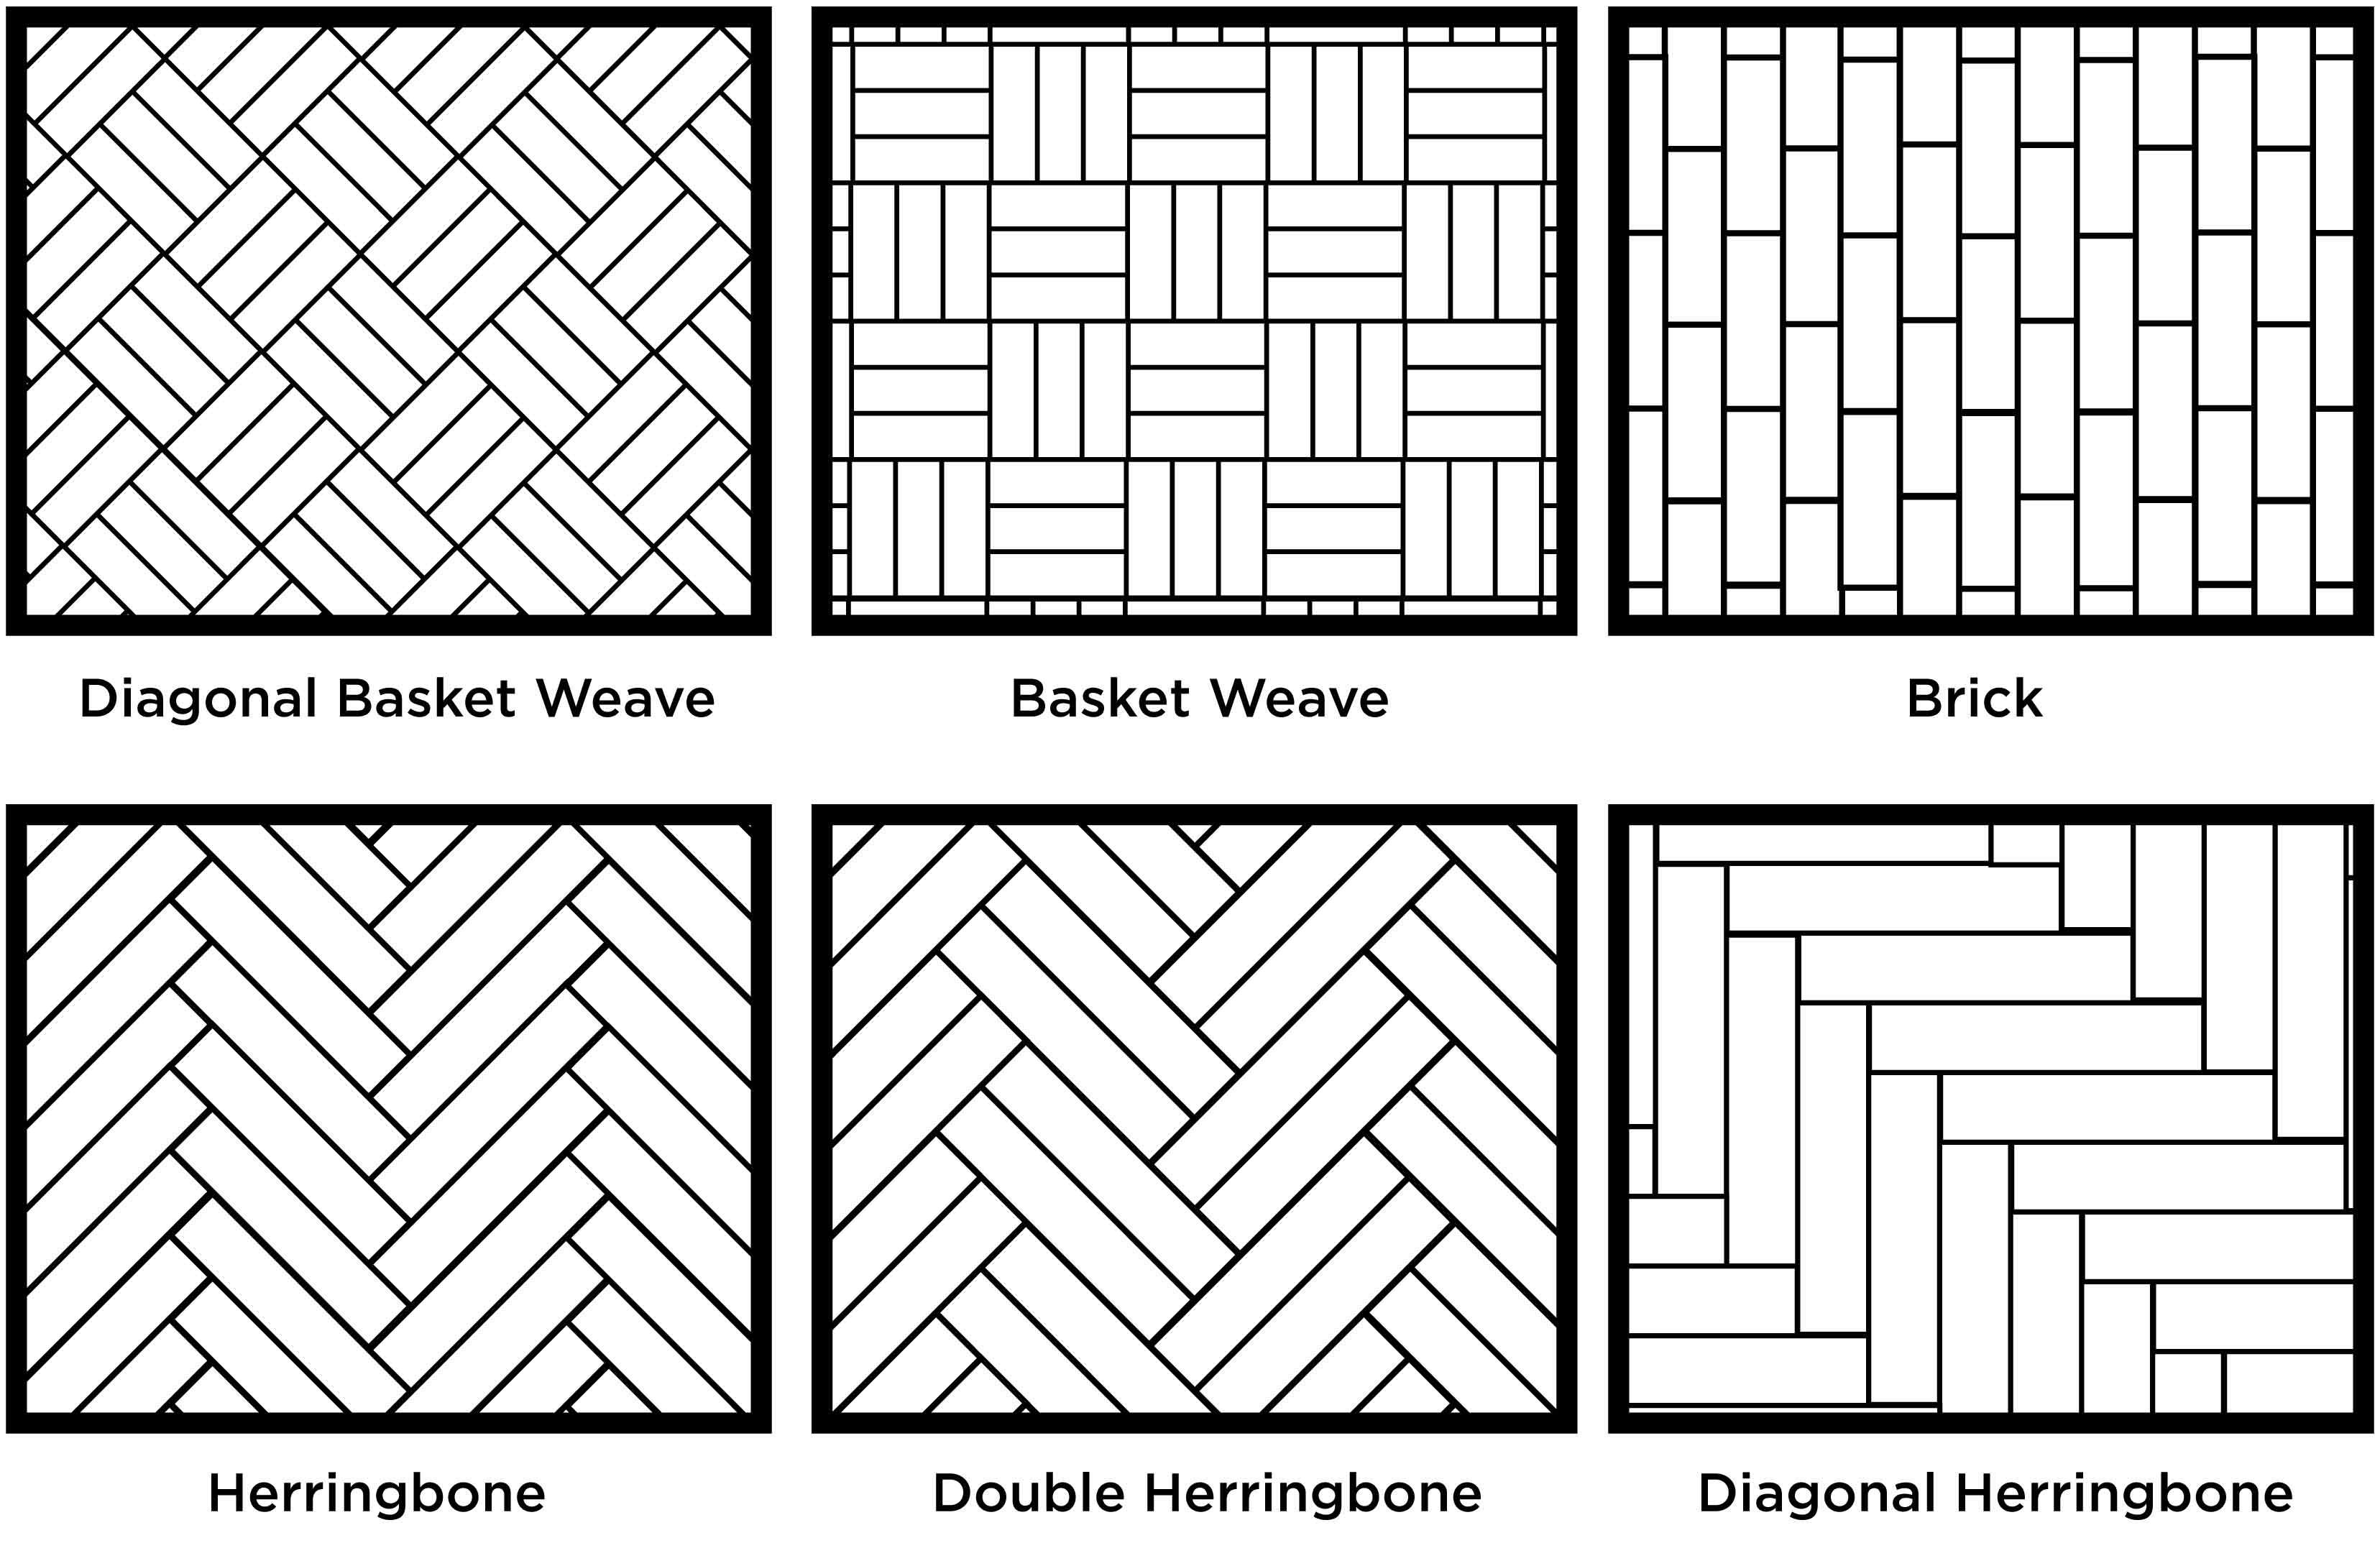 Herringbone Floor Pattern Line Drawing Sketch Coloring Page